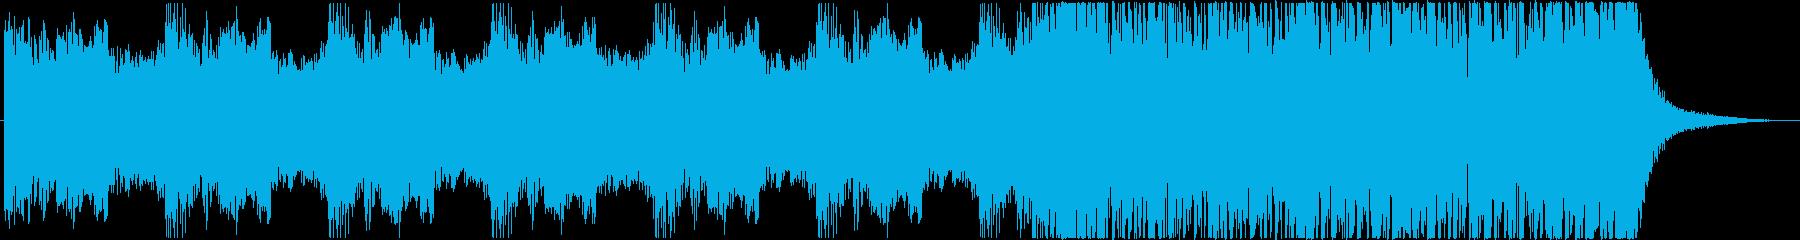 打つ響き~打楽器 [予告編/トレーラー]の再生済みの波形